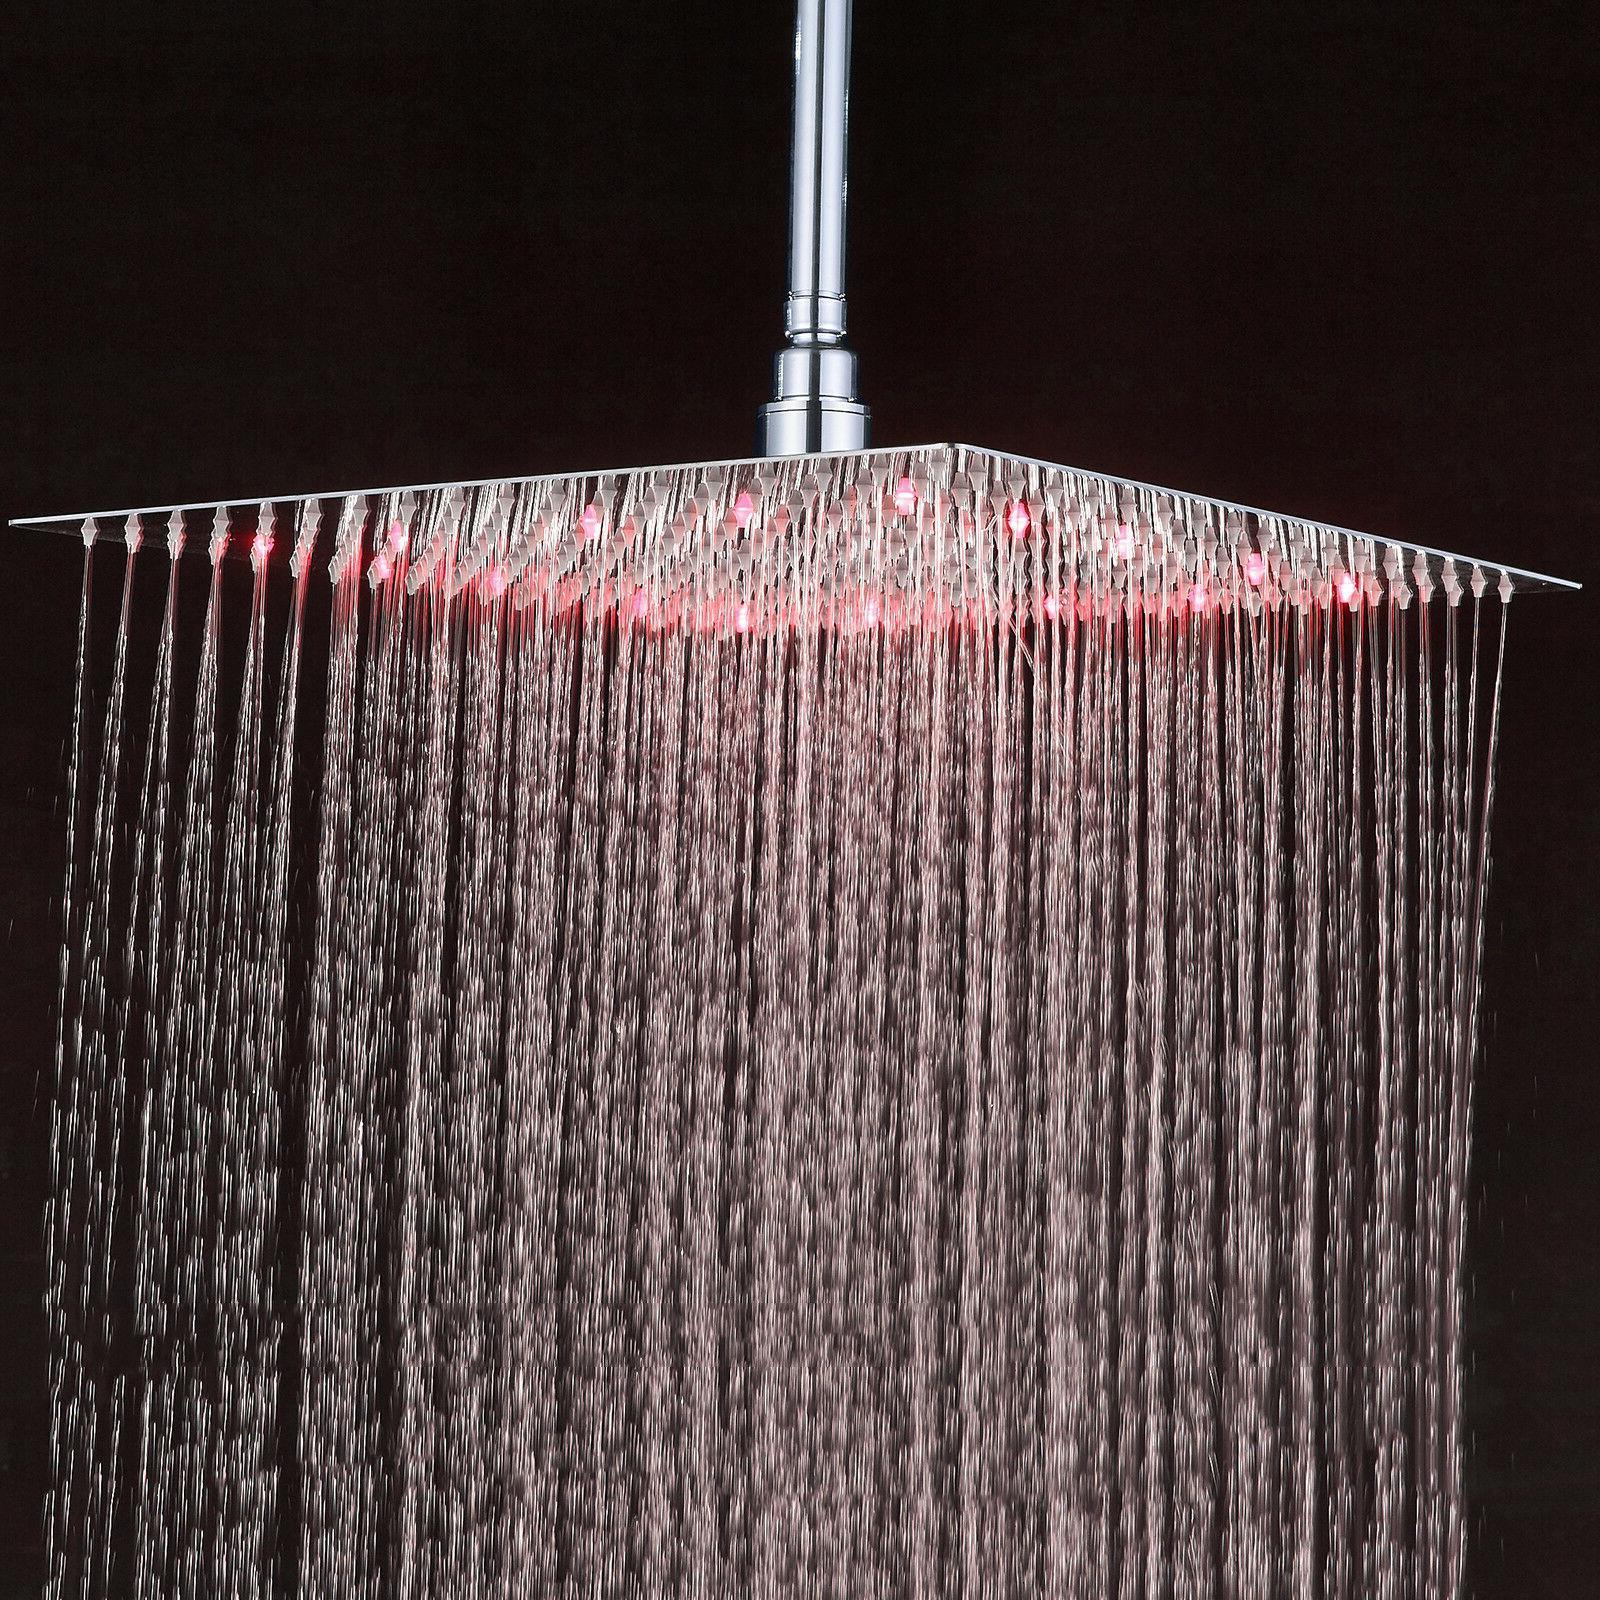 Shower Chrome Ultrathin